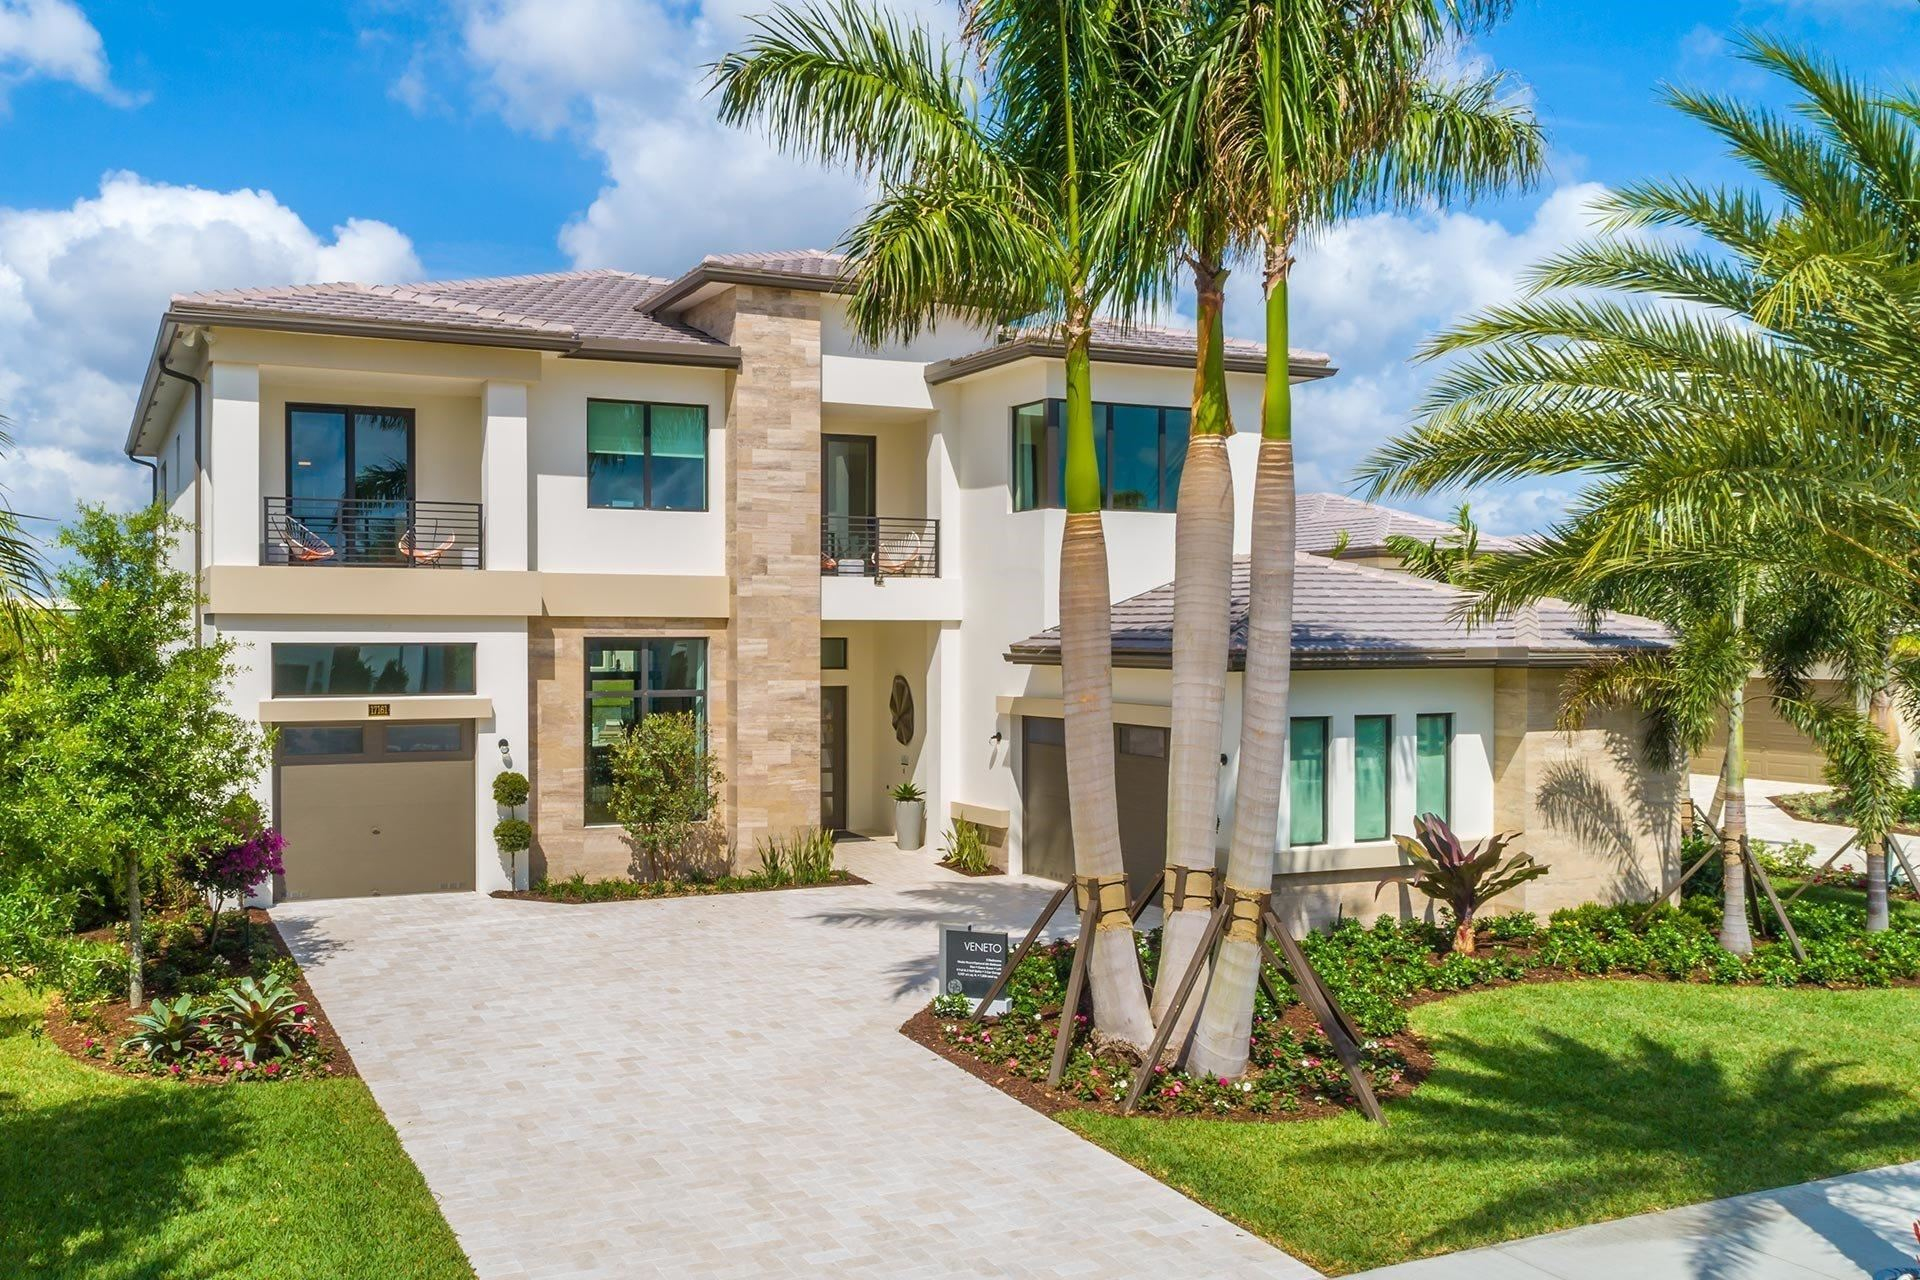 9270 Biaggio Road, Boca Raton, FL 33496 - #: RX-10675325